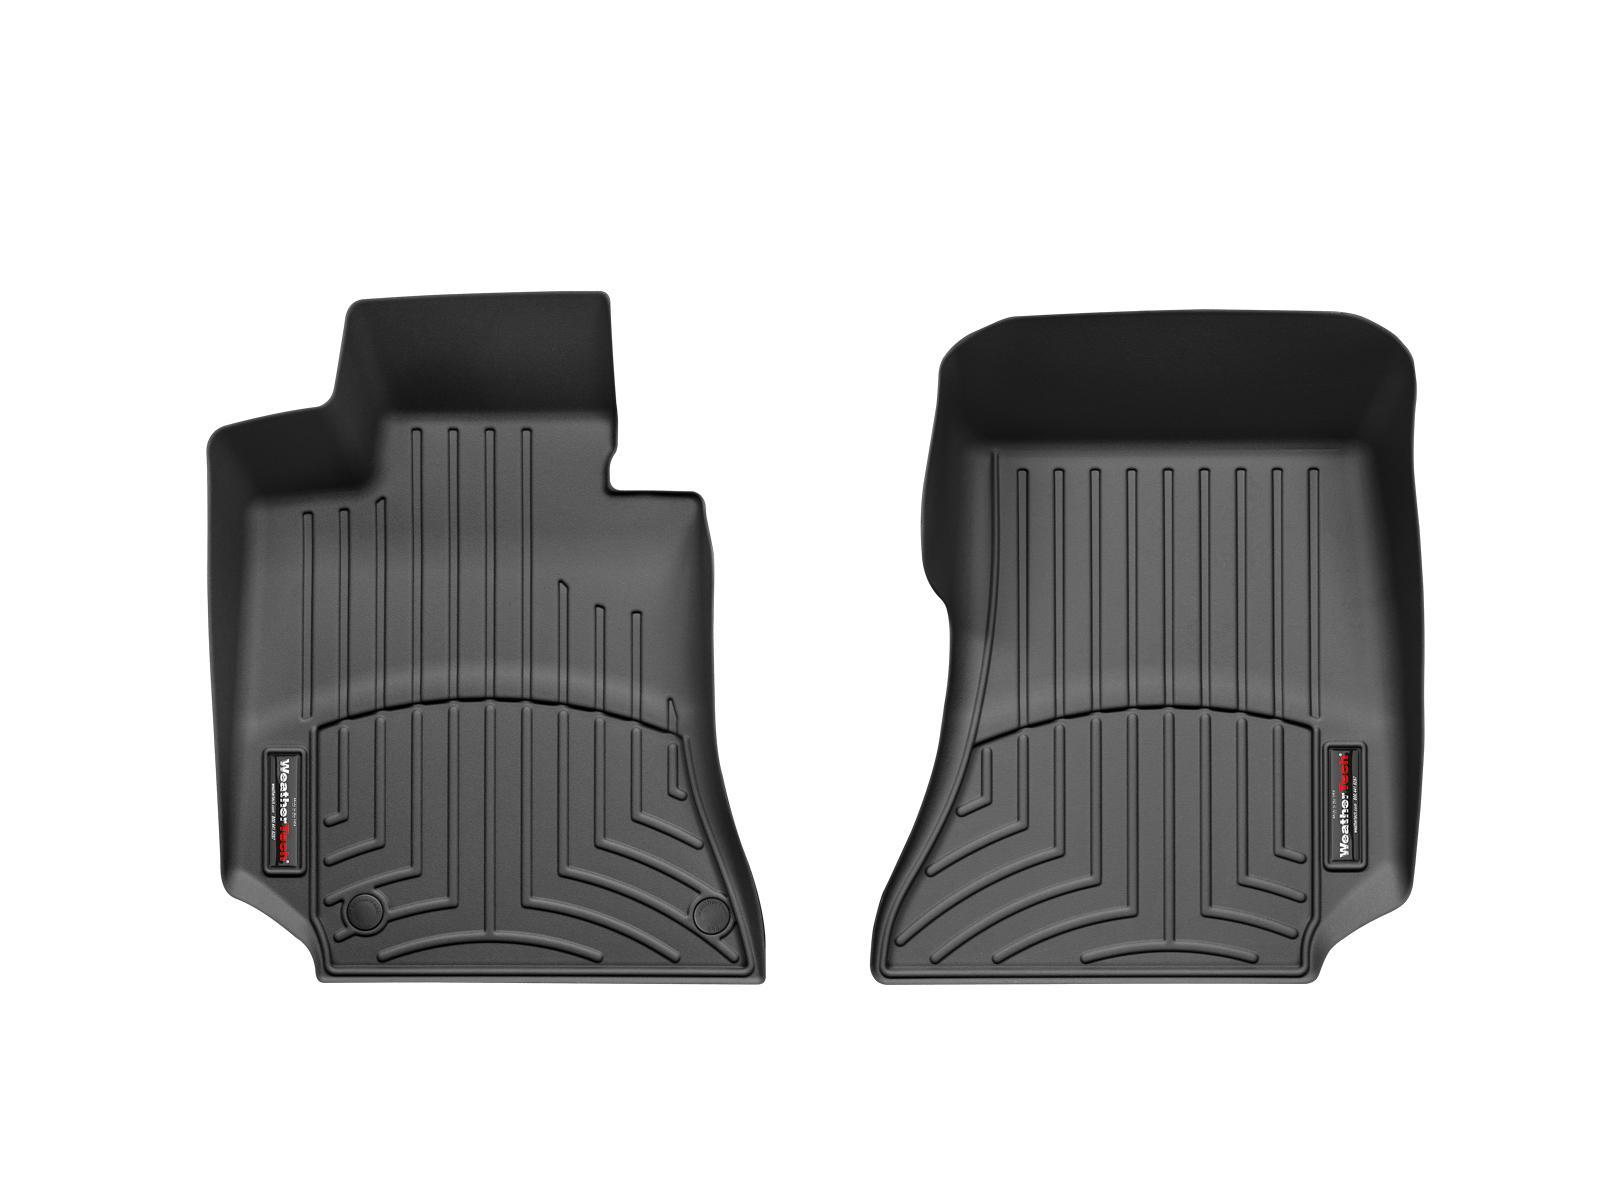 Tappeti gomma su misura bordo alto Mercedes E-Class 12>14 Nero A2407*